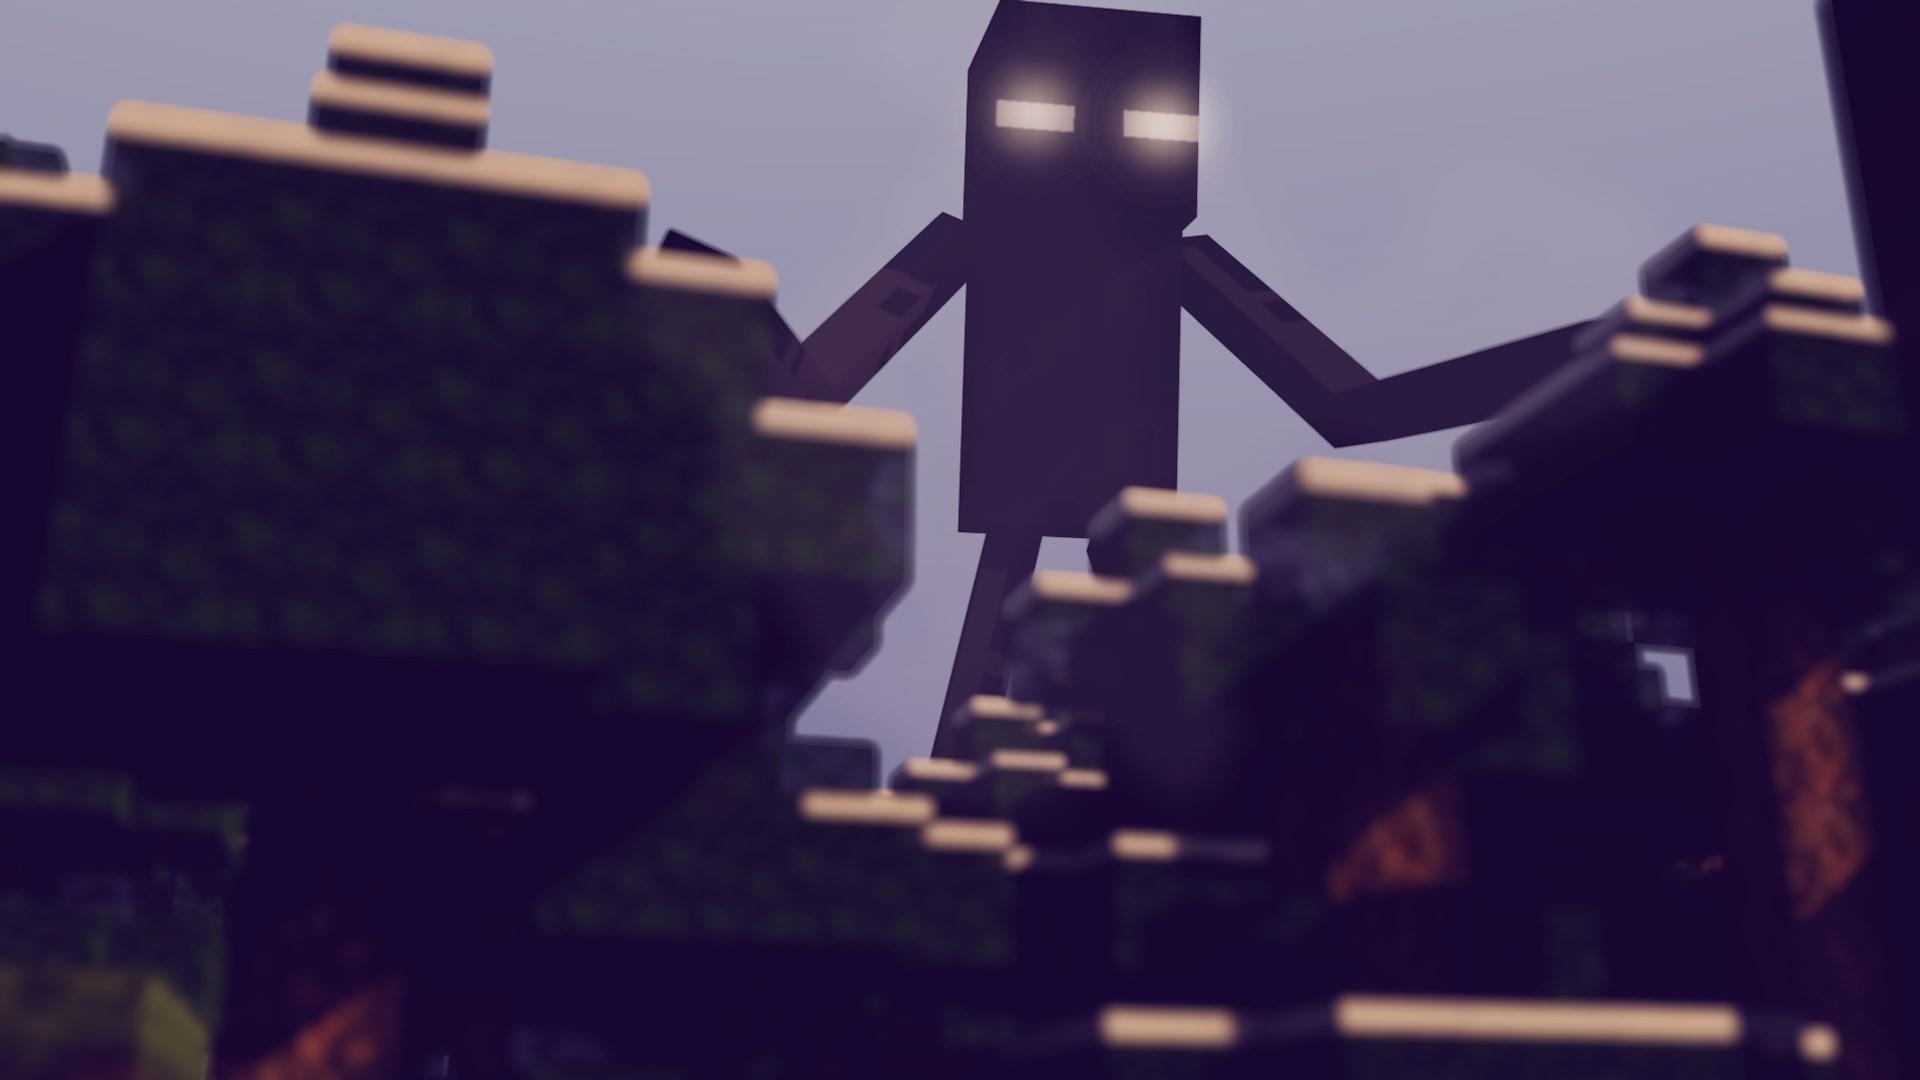 Creeper Wallpaper Hd Die 76 Besten Enderman Minecraft Hintergrundbilder